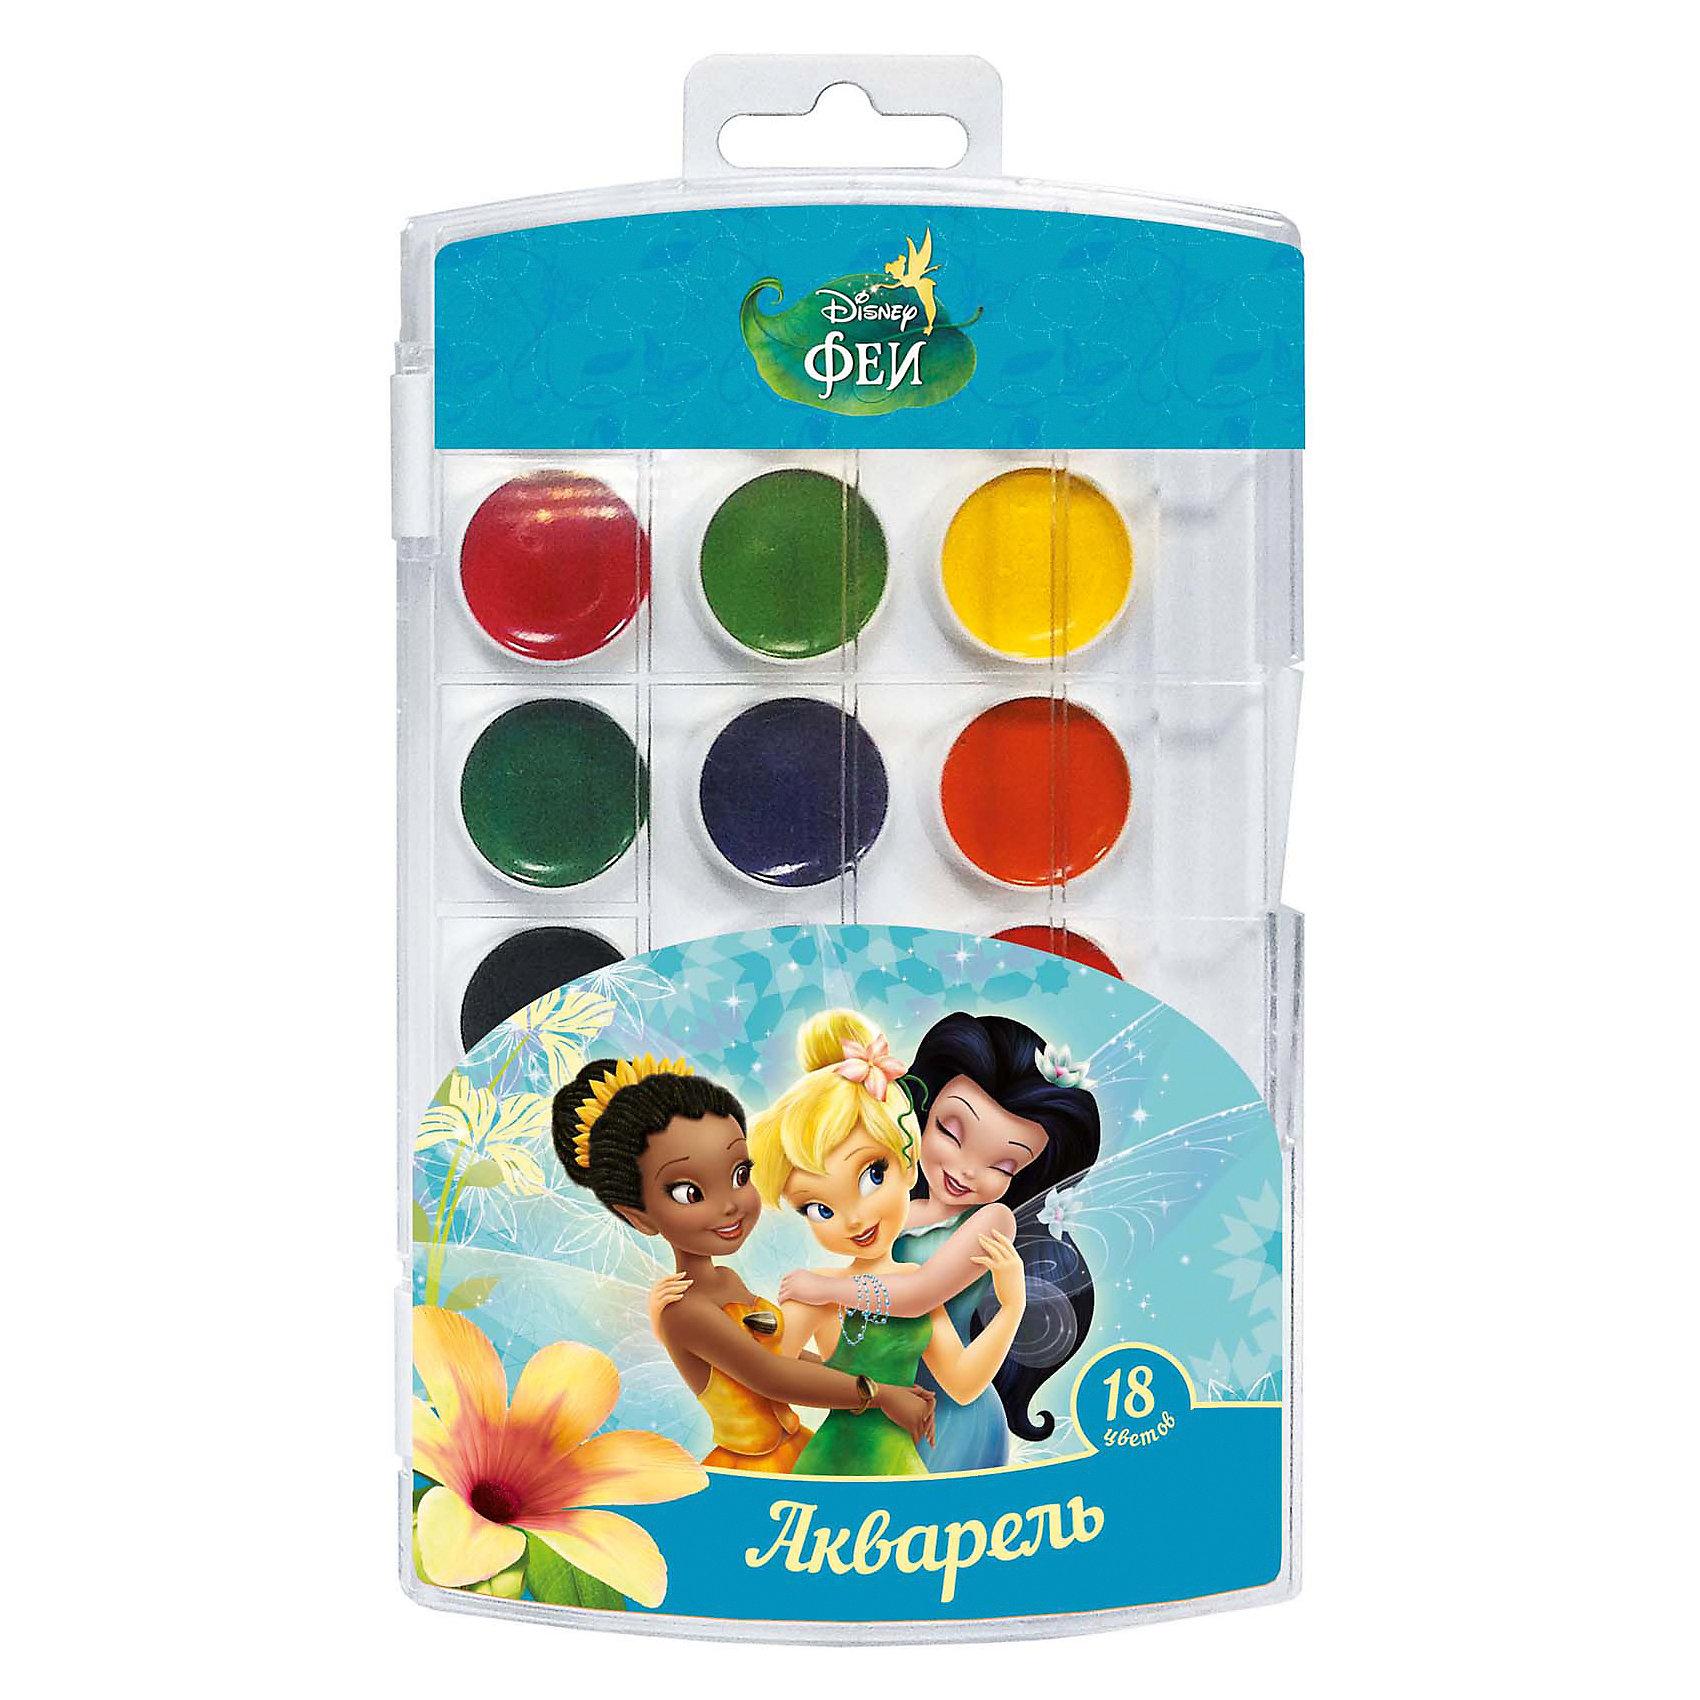 Акварель, 18 цветов, Disney FairiesХарактеристики акварели 18 цветов, Disney Fairies:<br><br>• возраст: от 3-х лет<br>• пол: для мальчиков и девочек<br>• тип: акварель<br>• состав: вода питьевая, декстрин, глицерин, сахар, органические и неорганические тонкодисперсные пигменты, консервант, наполнитель. <br>• вес: 105 гр.<br>• упаковка пенал пластмассовый<br>• размеры, пенала: 19.5 х 11.2 х 1 см<br>• размер упаковки : 20 x 11 x 1 см<br>• страна обладателя бренда: Украина <br><br>В наборе акварельных красок «Disney» Феи 18 ярких, насыщенных цветов. Краски превосходно подходят для рисования: они хорошо размываются водой, легко наносятся на поверхность, быстро сохнут, безопасны при использовании по назначению. Состав: вода питьевая, декстрин, глицерин, сахар, органические и неорганические тонкодисперсные пигменты, консервант, наполнитель. Срок годности не ограничен.<br><br>Акварель, 18 цветов, Disney Fairies можно купить в нашем интернет-магазине.<br><br>Ширина мм: 195<br>Глубина мм: 110<br>Высота мм: 100<br>Вес г: 118<br>Возраст от месяцев: 36<br>Возраст до месяцев: 2147483647<br>Пол: Женский<br>Возраст: Детский<br>SKU: 5453360